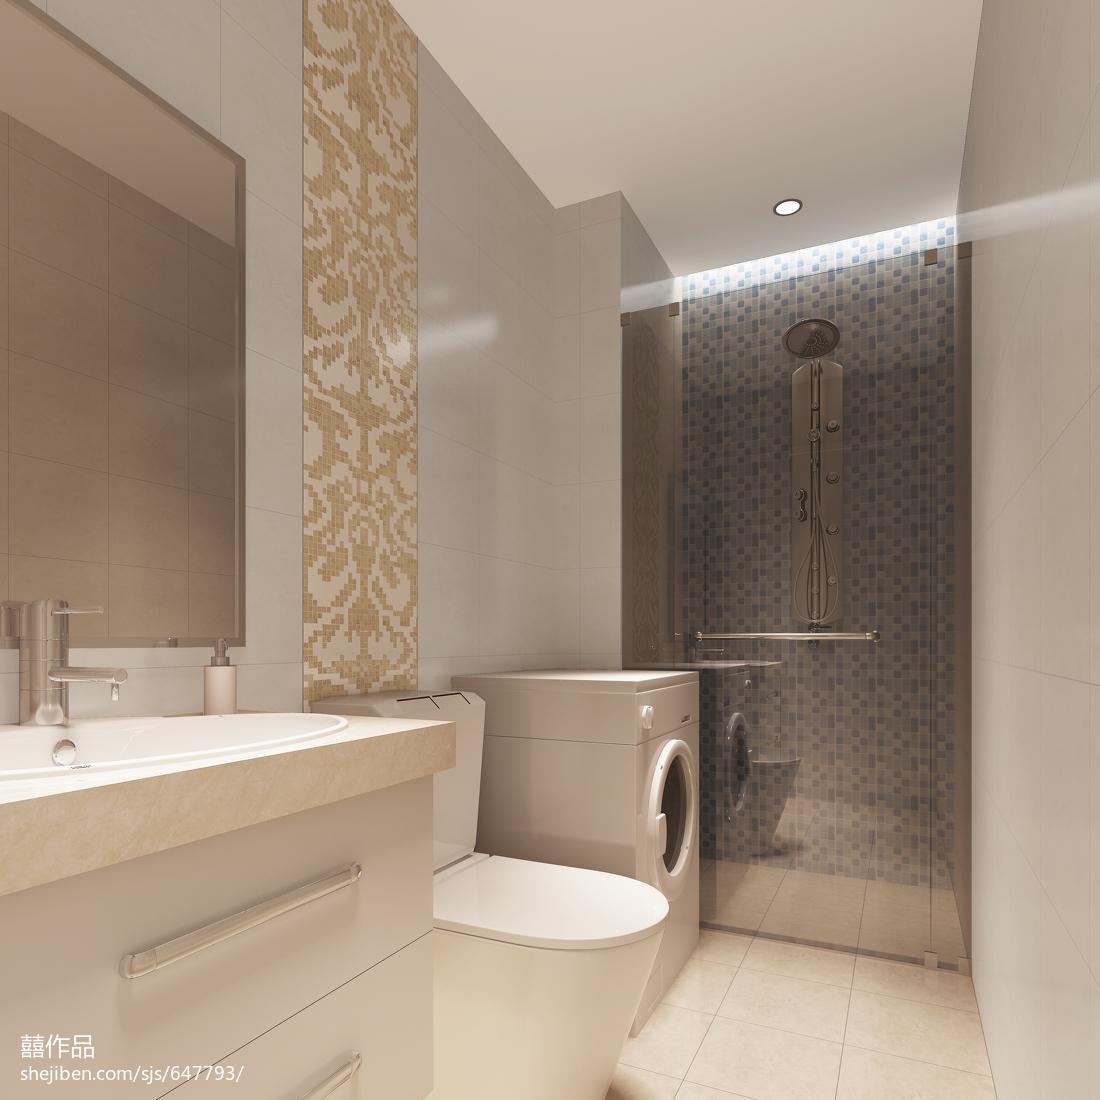 简约风格卫生间室内设计装饰图片